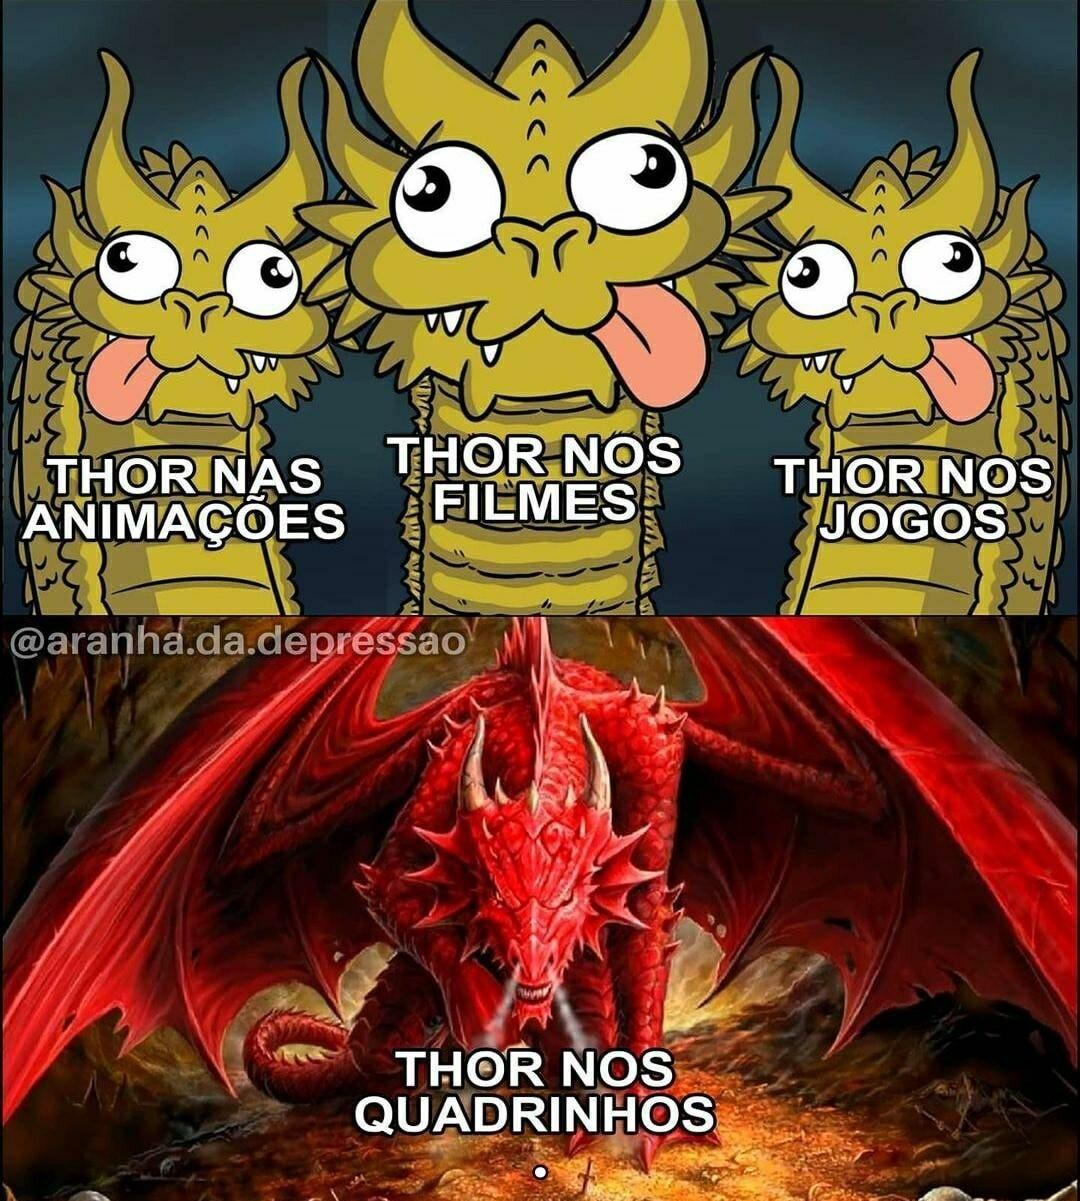 Thoretto - meme